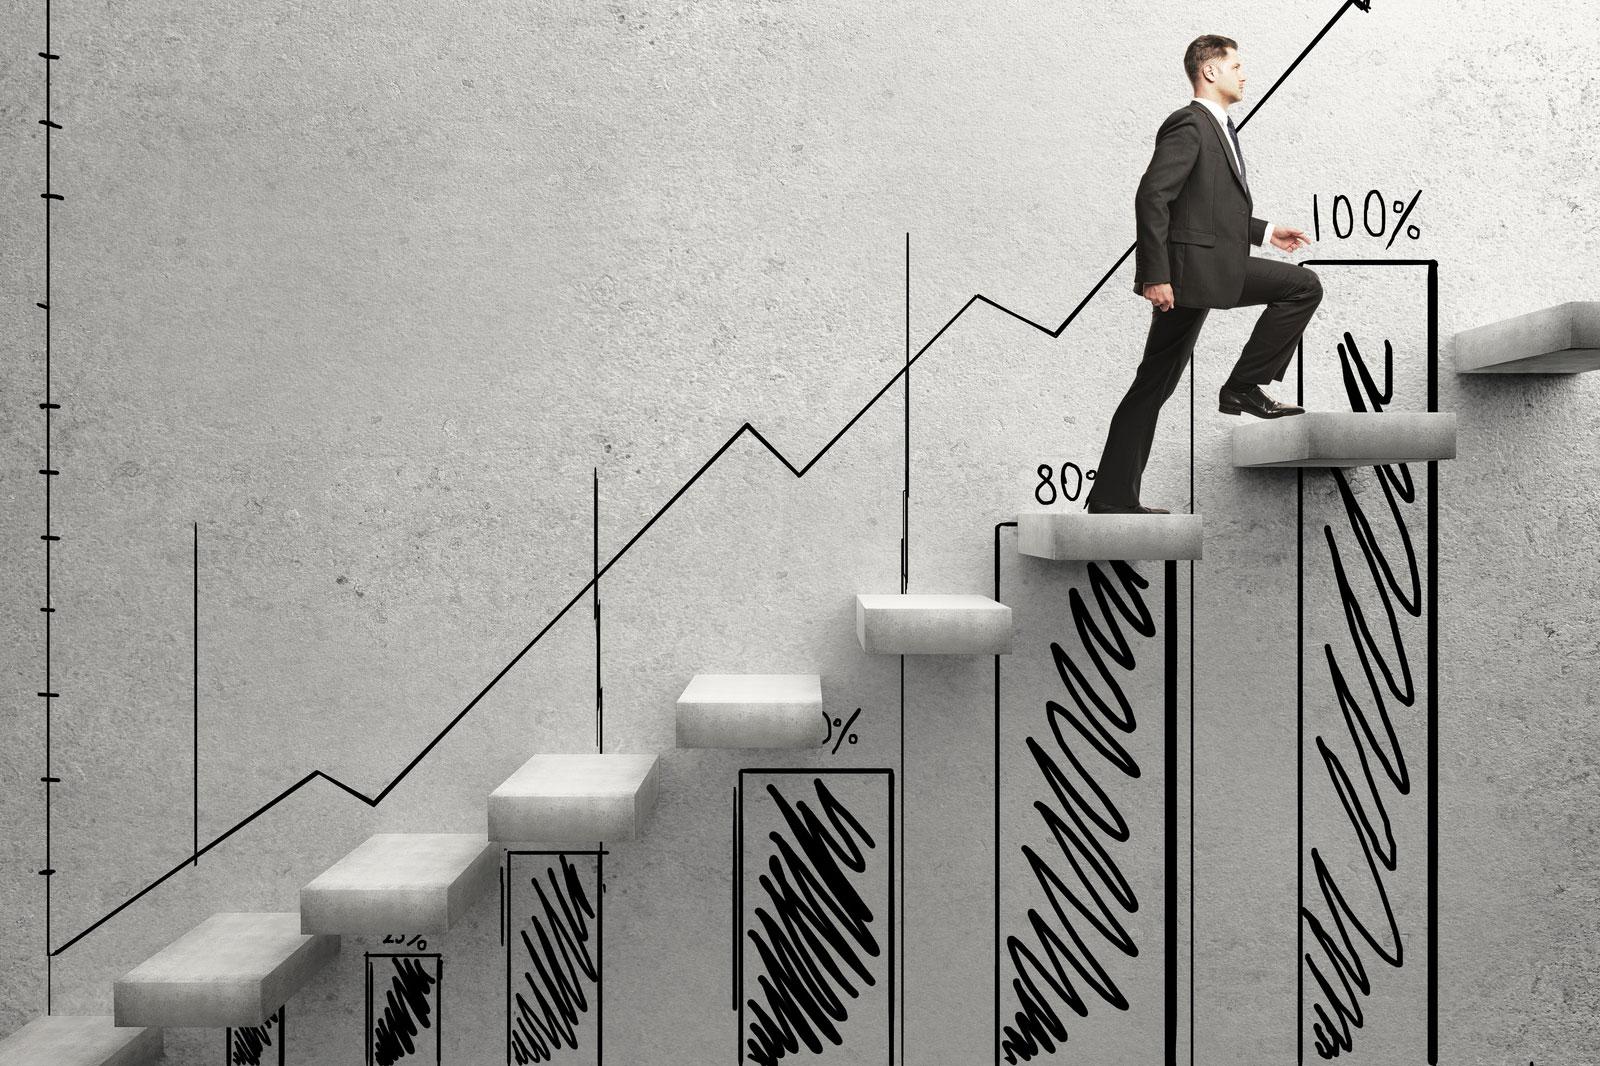 Durch Weiterbildung Unternehmensziele erreichen